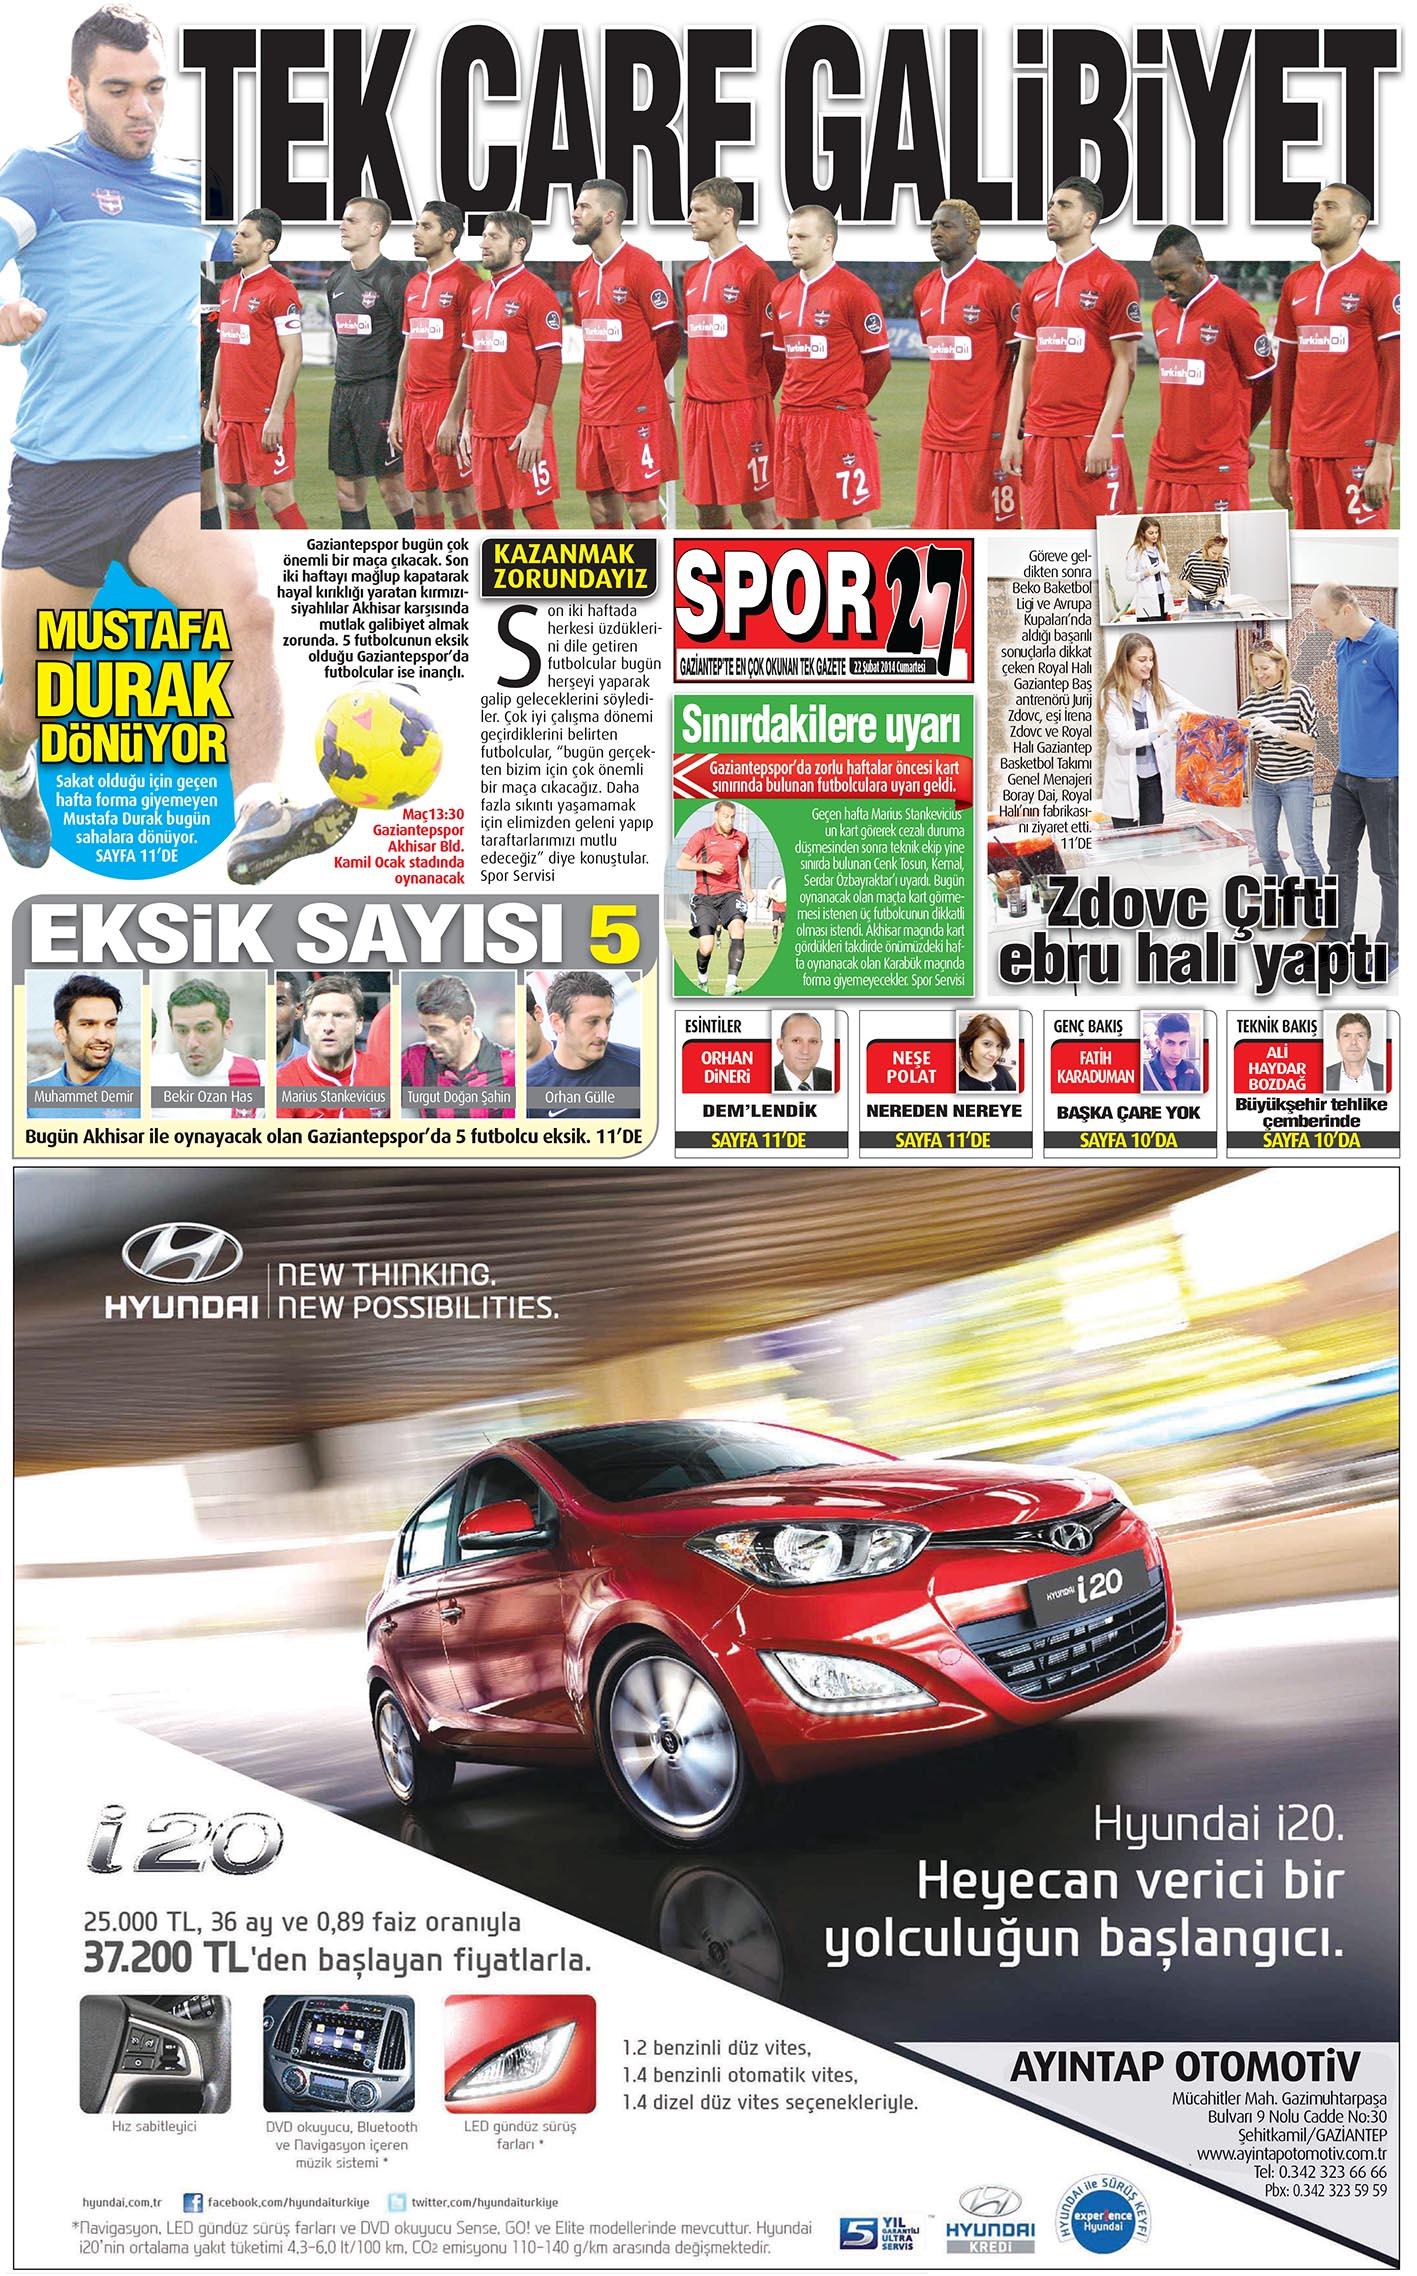 22 ŞUBAT 2014 SAYFALAR 2